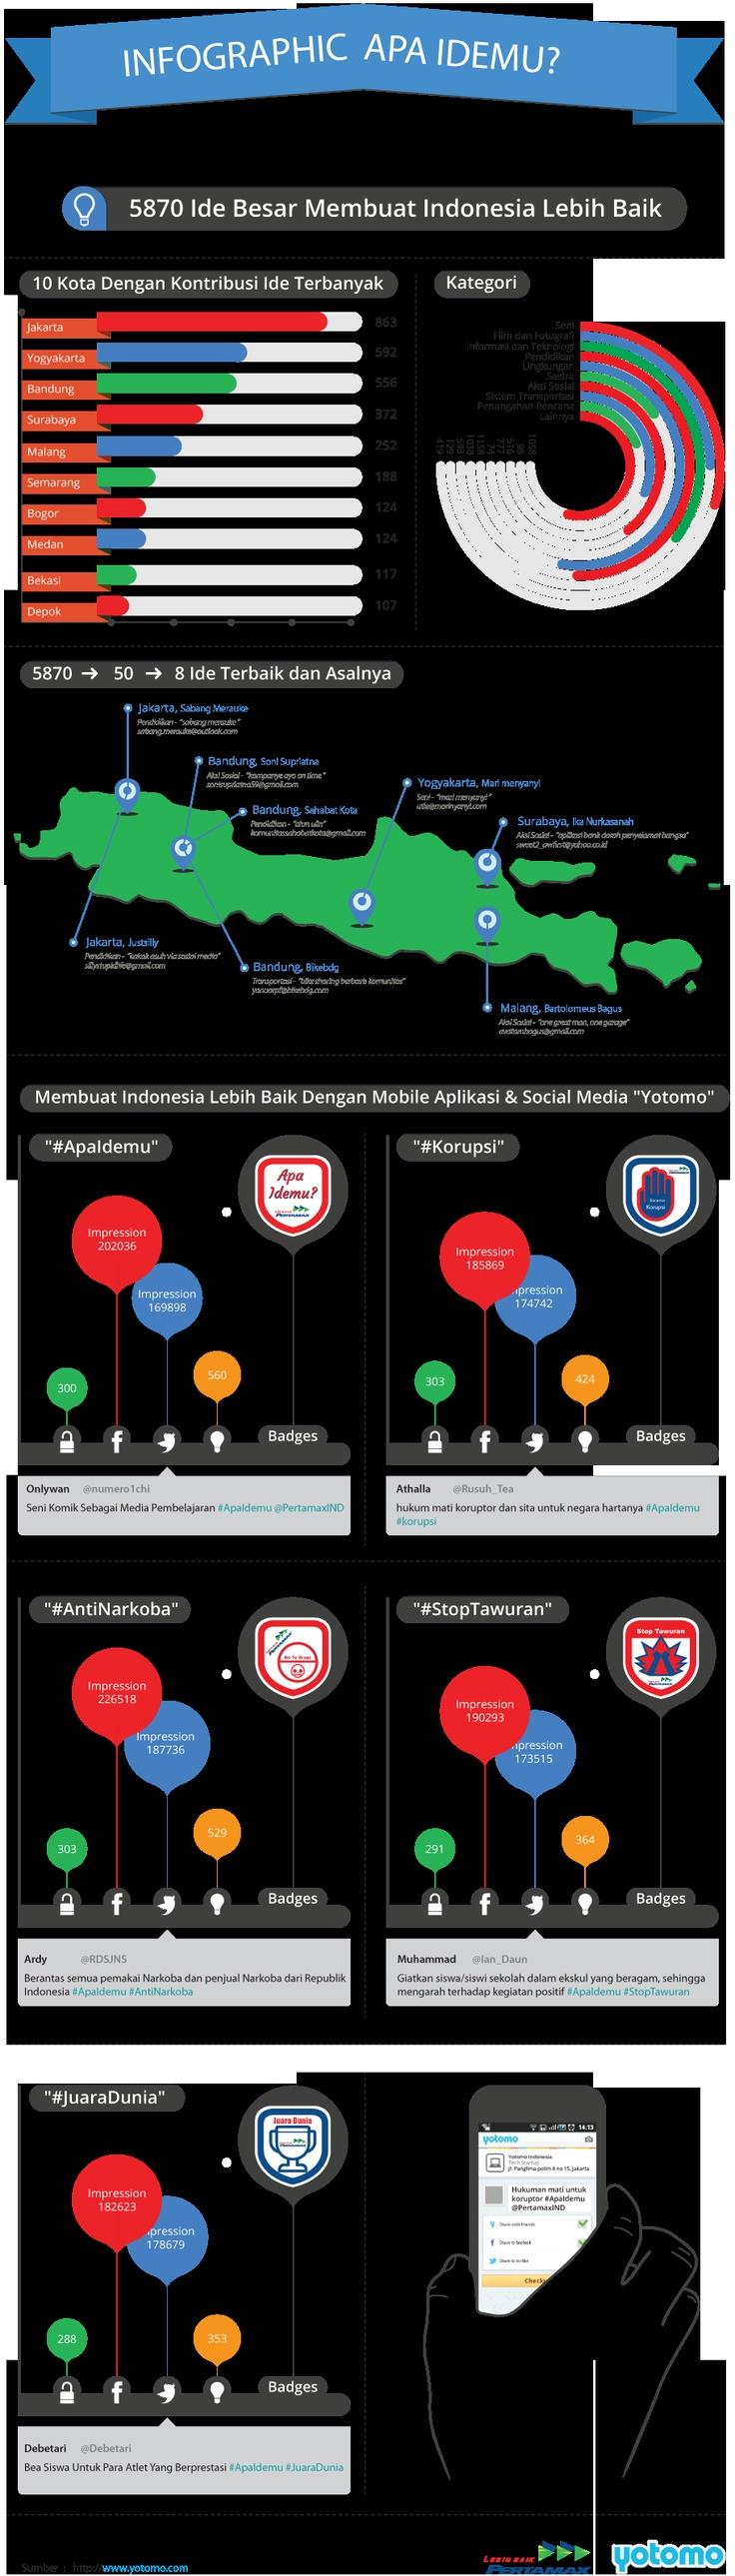 Infographic #ApaIdemu